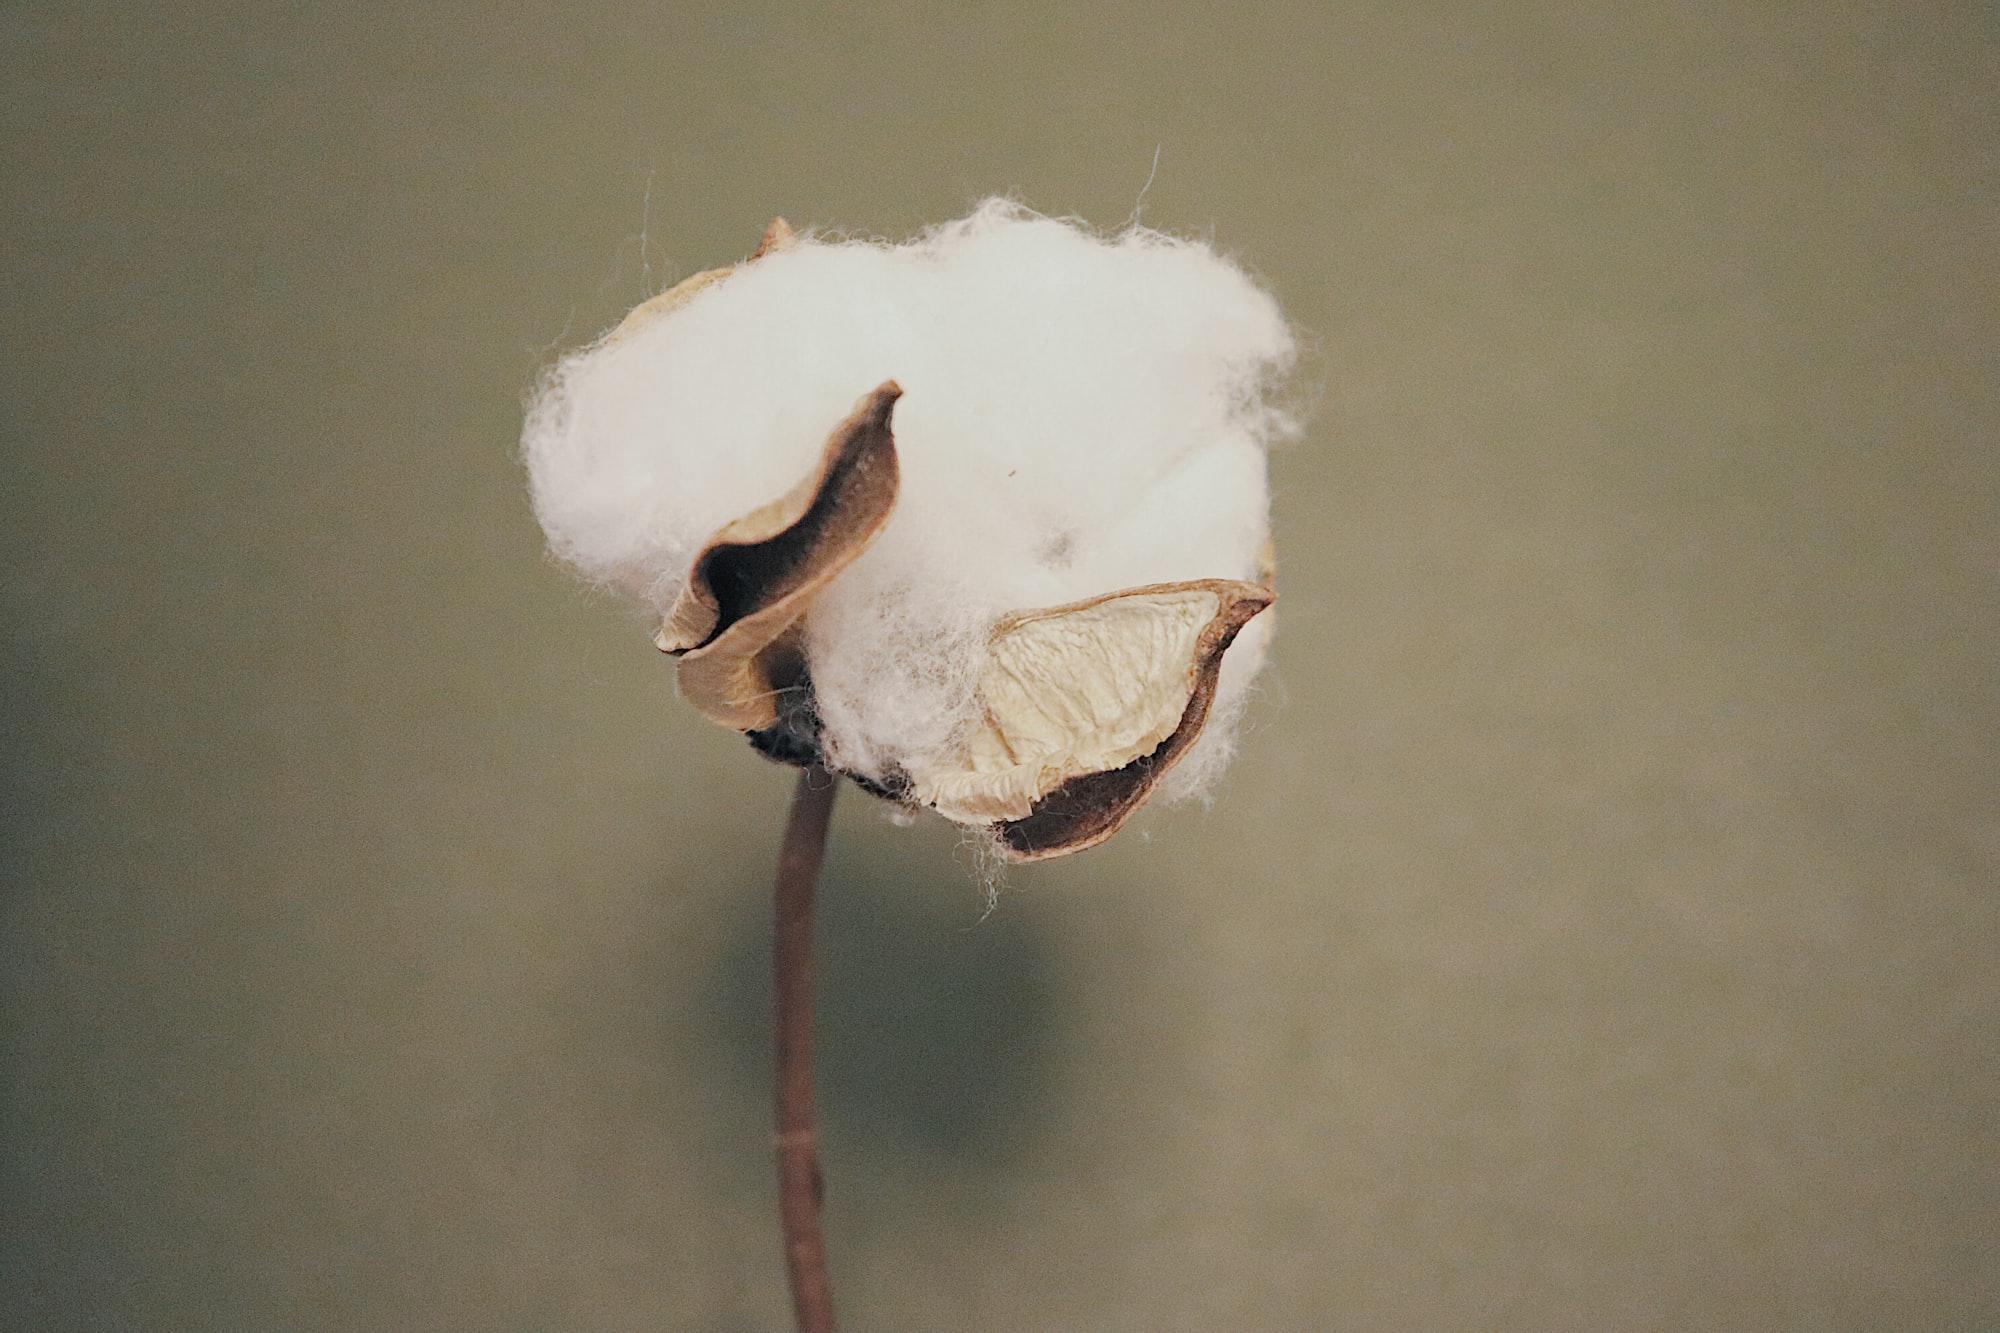 Bomullens miljöpåverkan - och hur du kan minska den